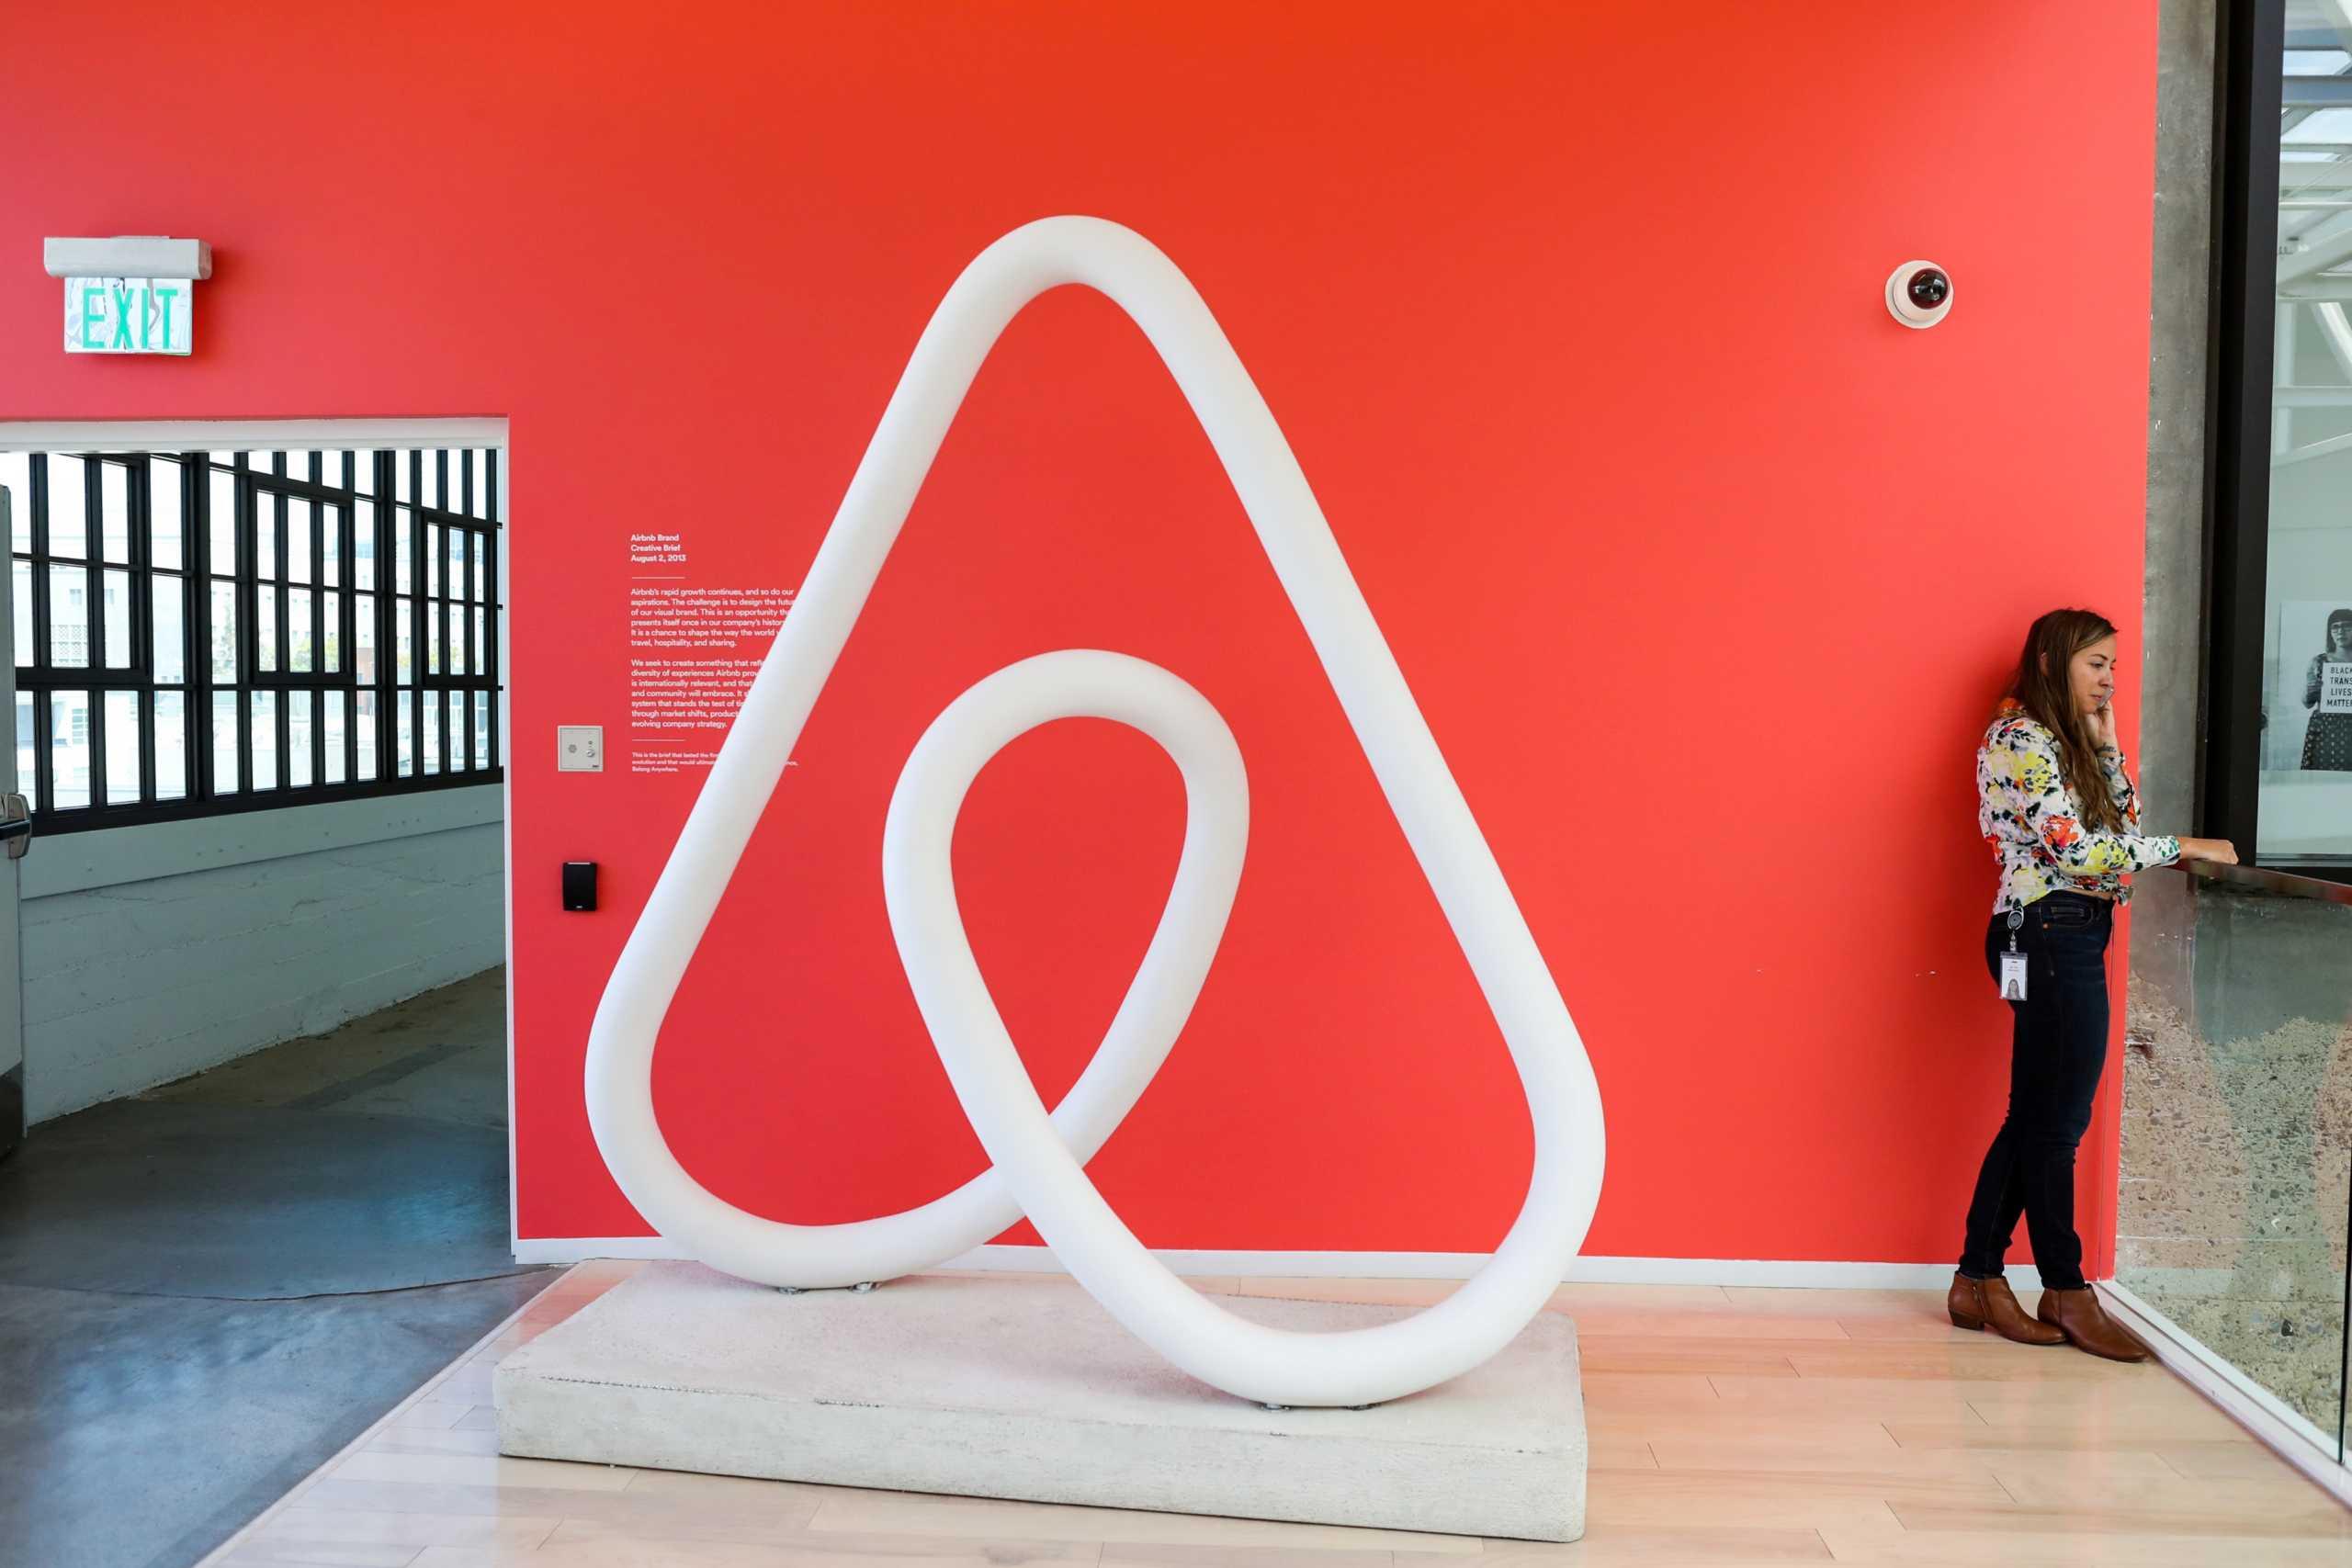 Σκωτία: Εντελώς απίθανη εμπειρία προσφέρει το Airbnb